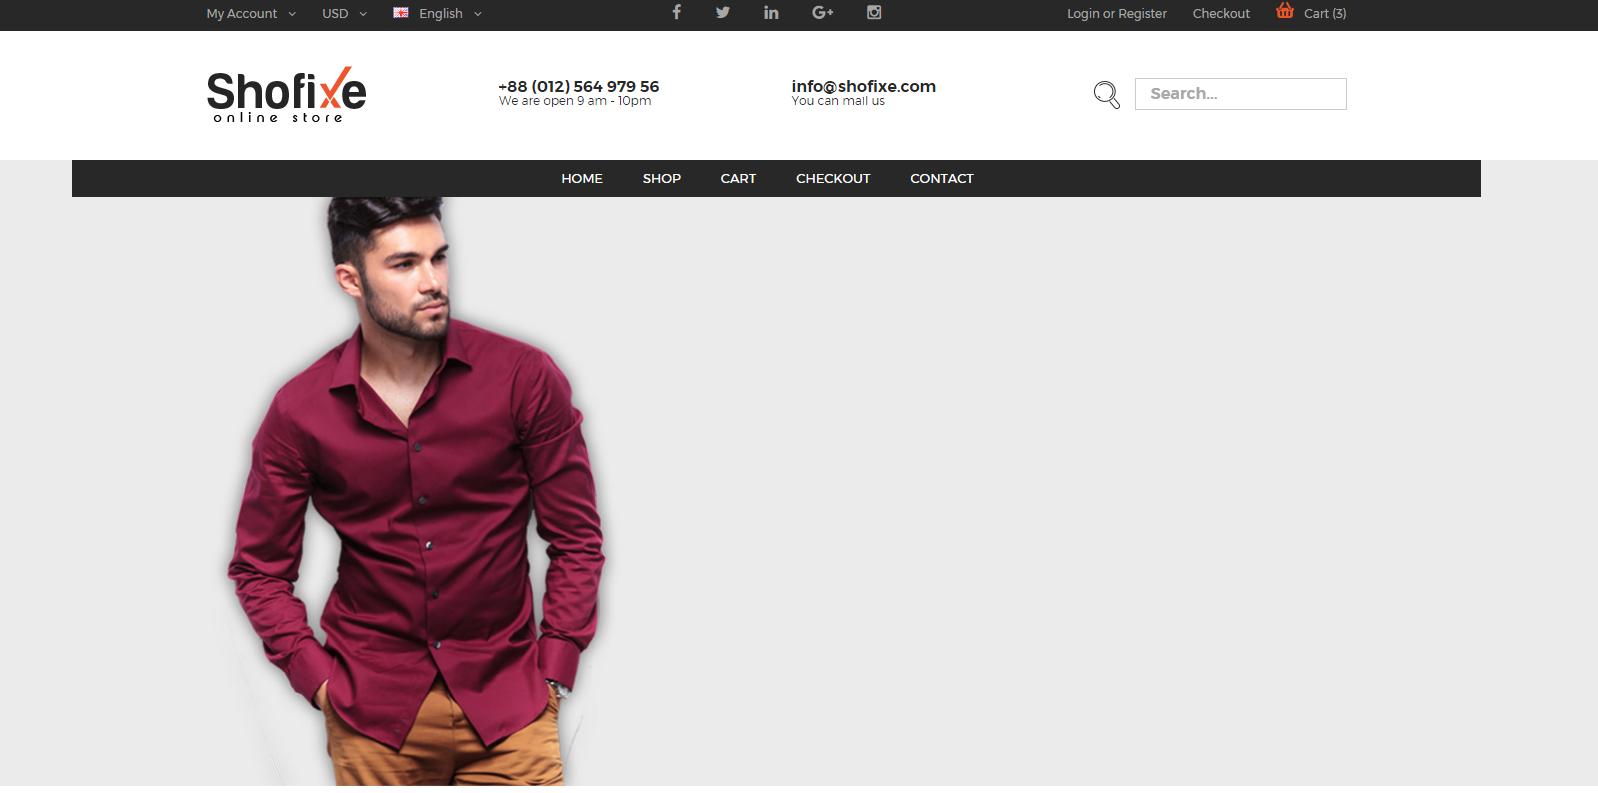 鞋服在线商城网站模板